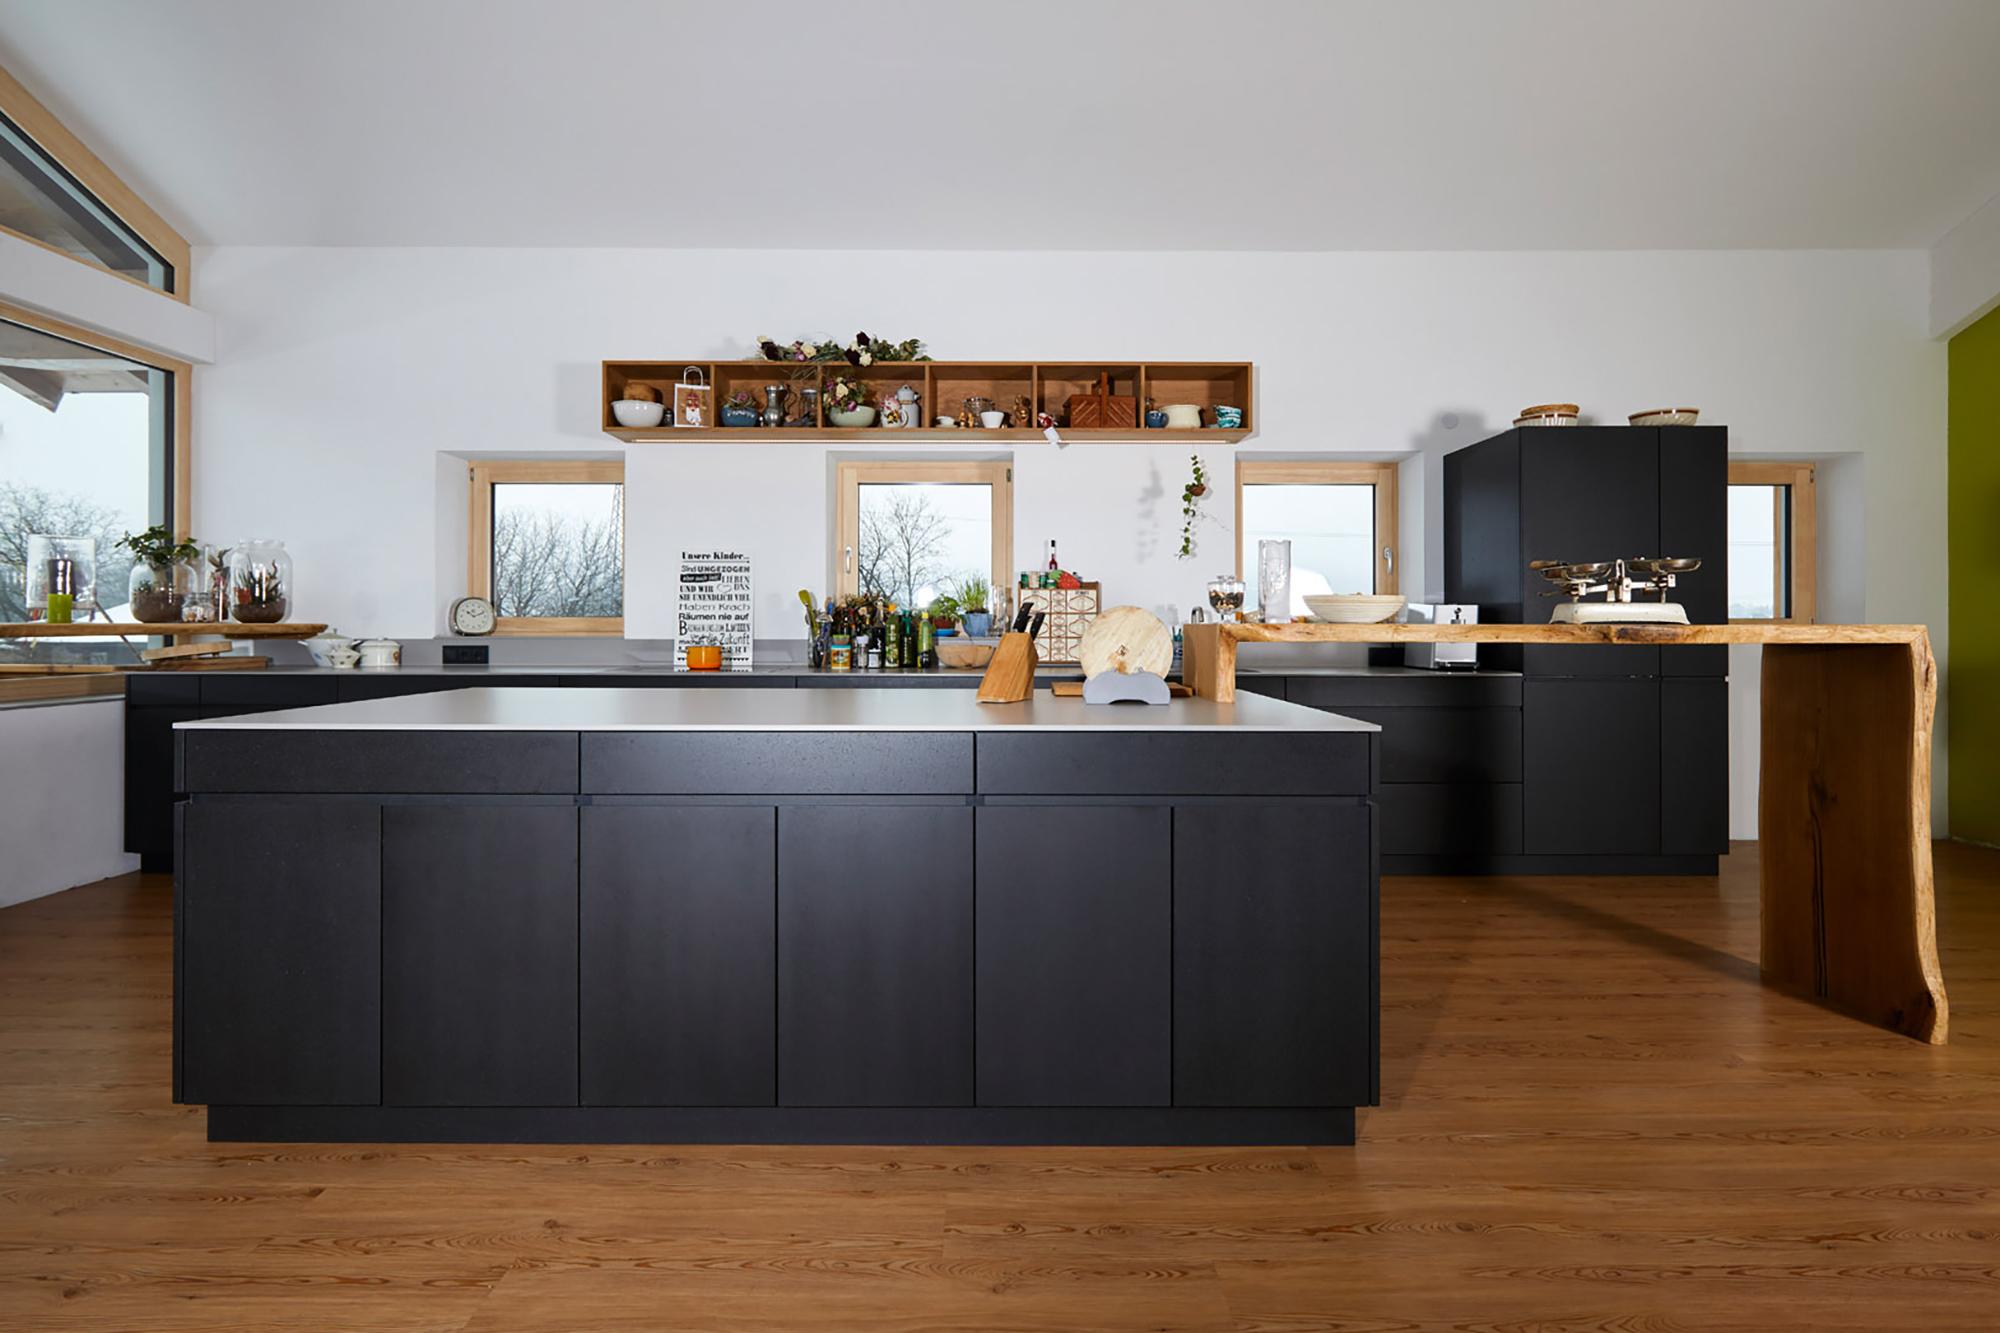 Tischlerei Stöckl Ebbs Wohnküche Echtbeton Küchenausstattung Küche Inneneinrichtung Möbel